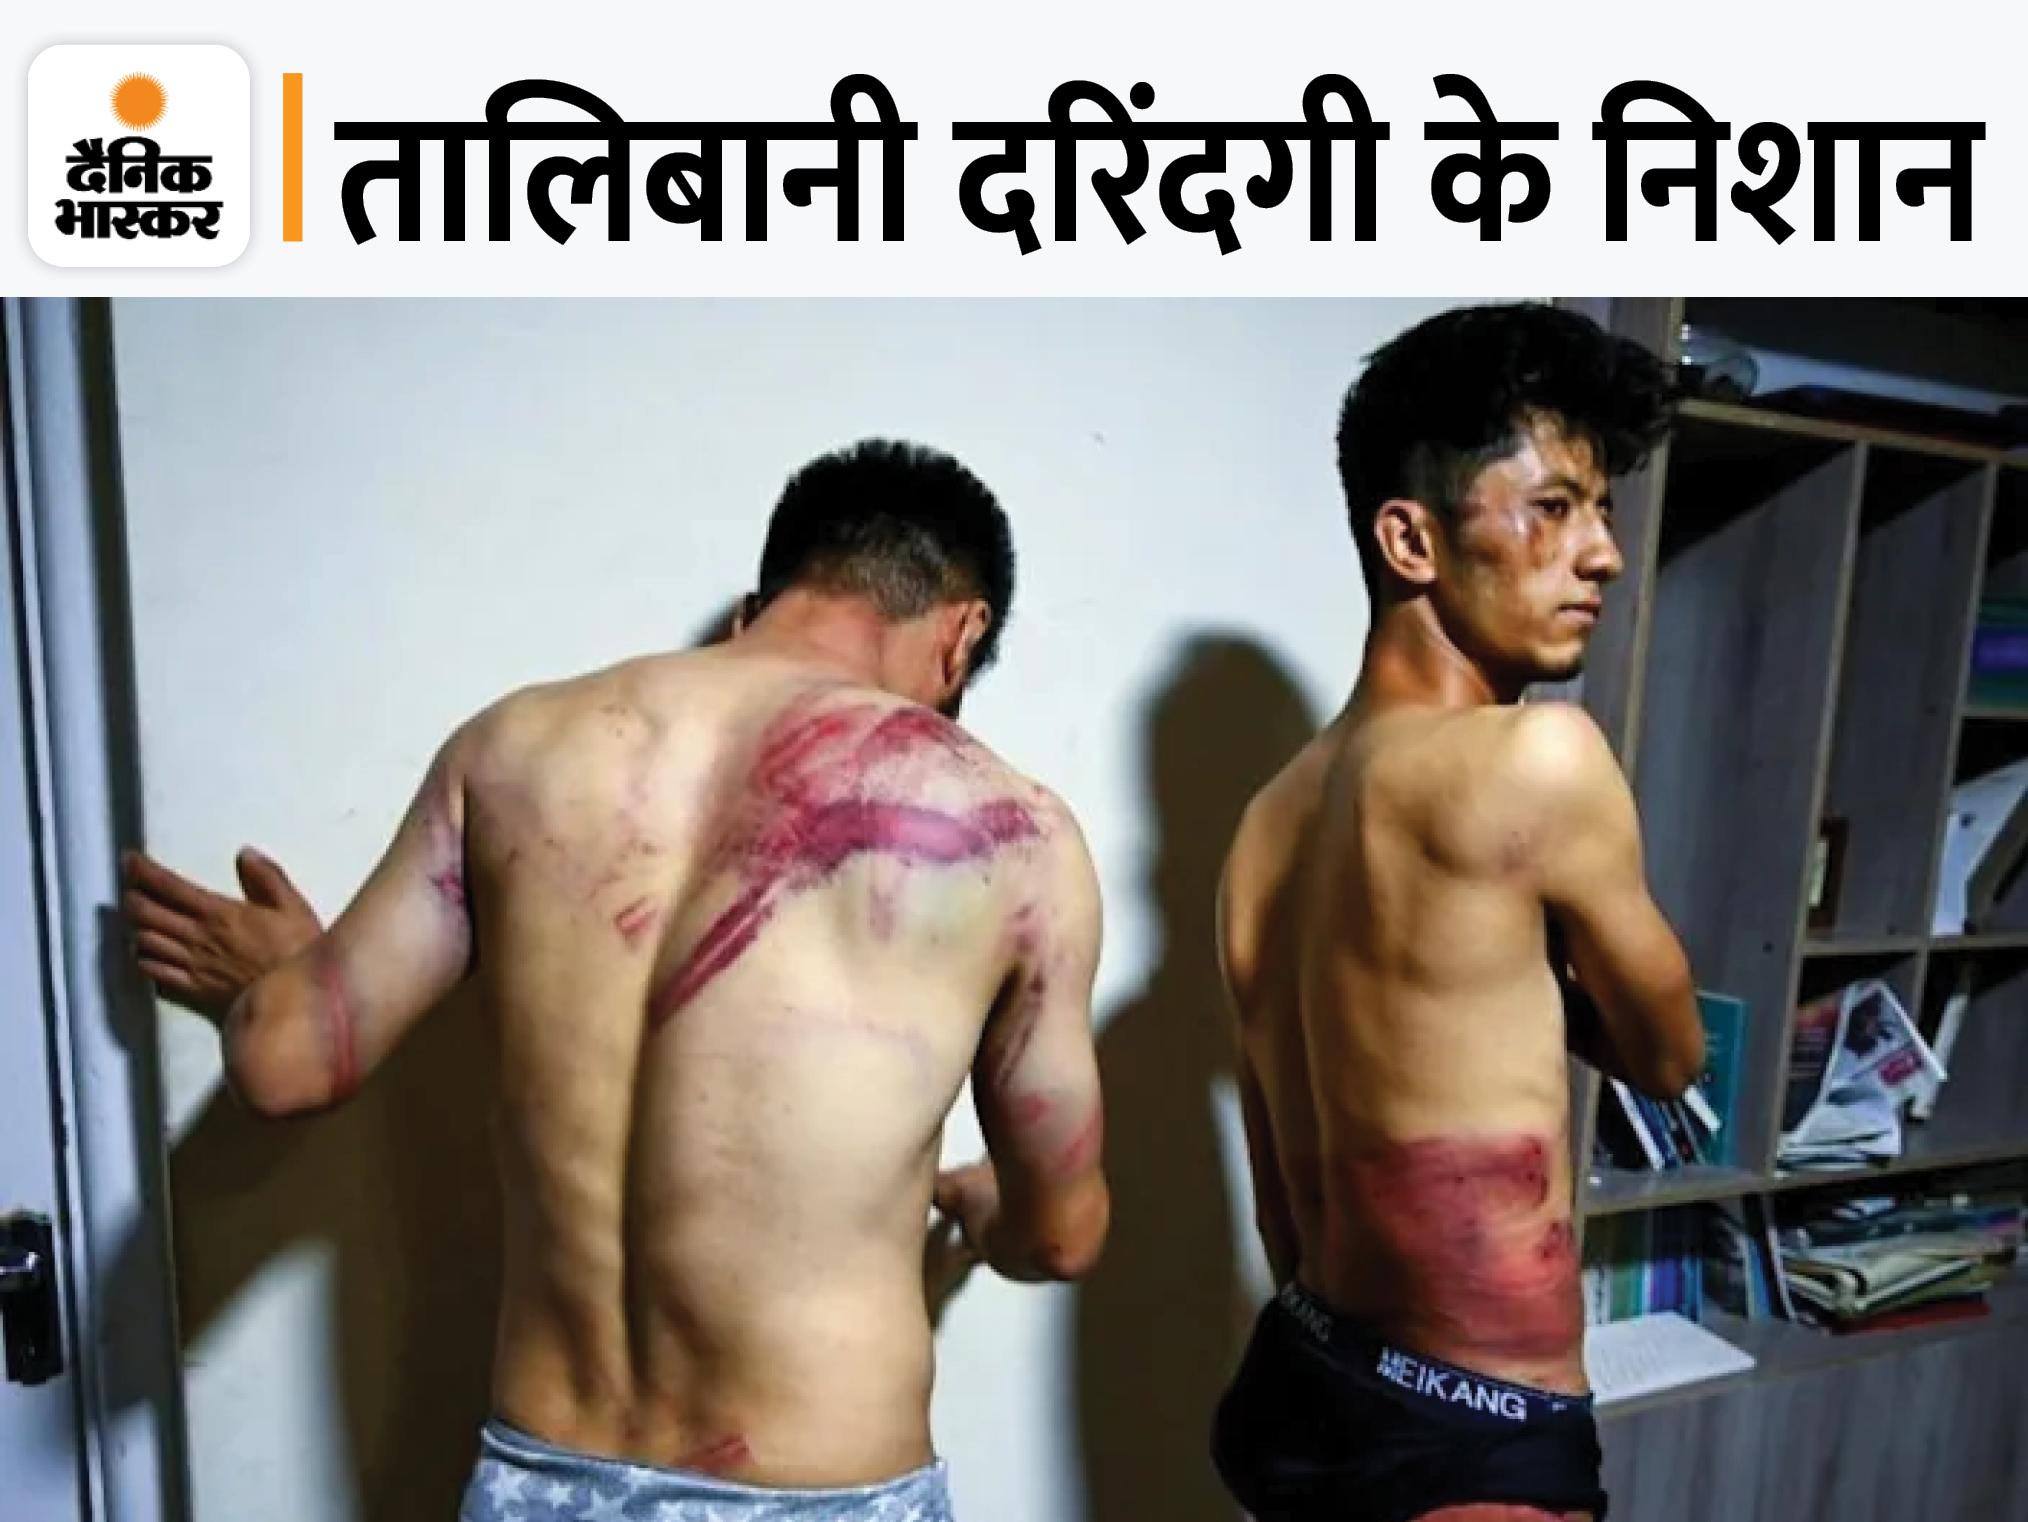 तालिबानी लड़ाकों ने पत्रकारों को नंगा कर बेंत, चाबुक और बिजली के तारों से पीटा, चेहरे को जूतों से जमीन पर रगड़ दिया|विदेश,International - Dainik Bhaskar